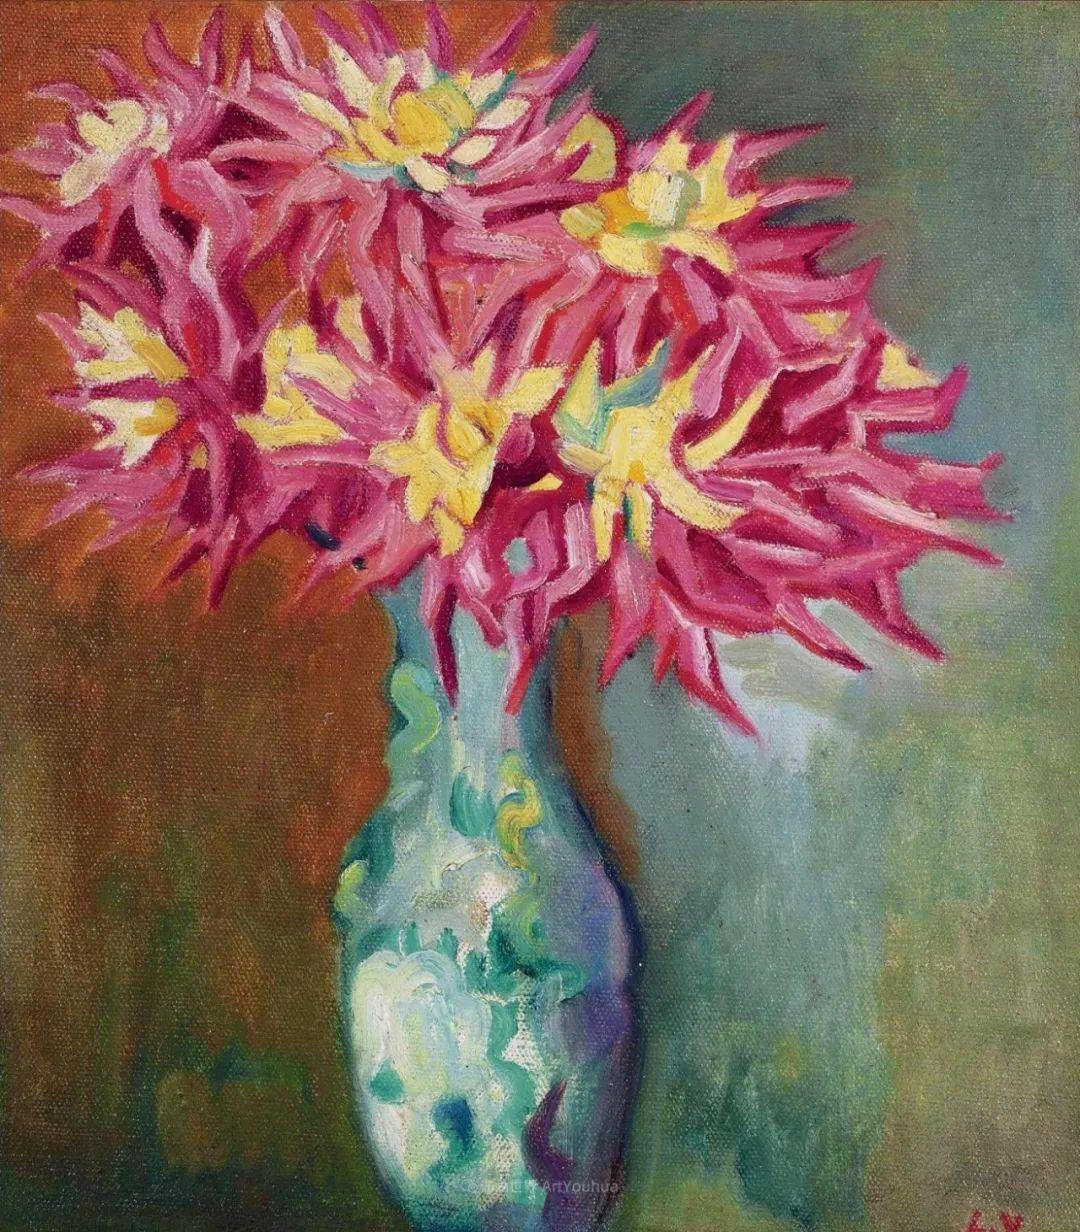 笔触粗犷,色彩令人陶醉,高清花卉作品插图15